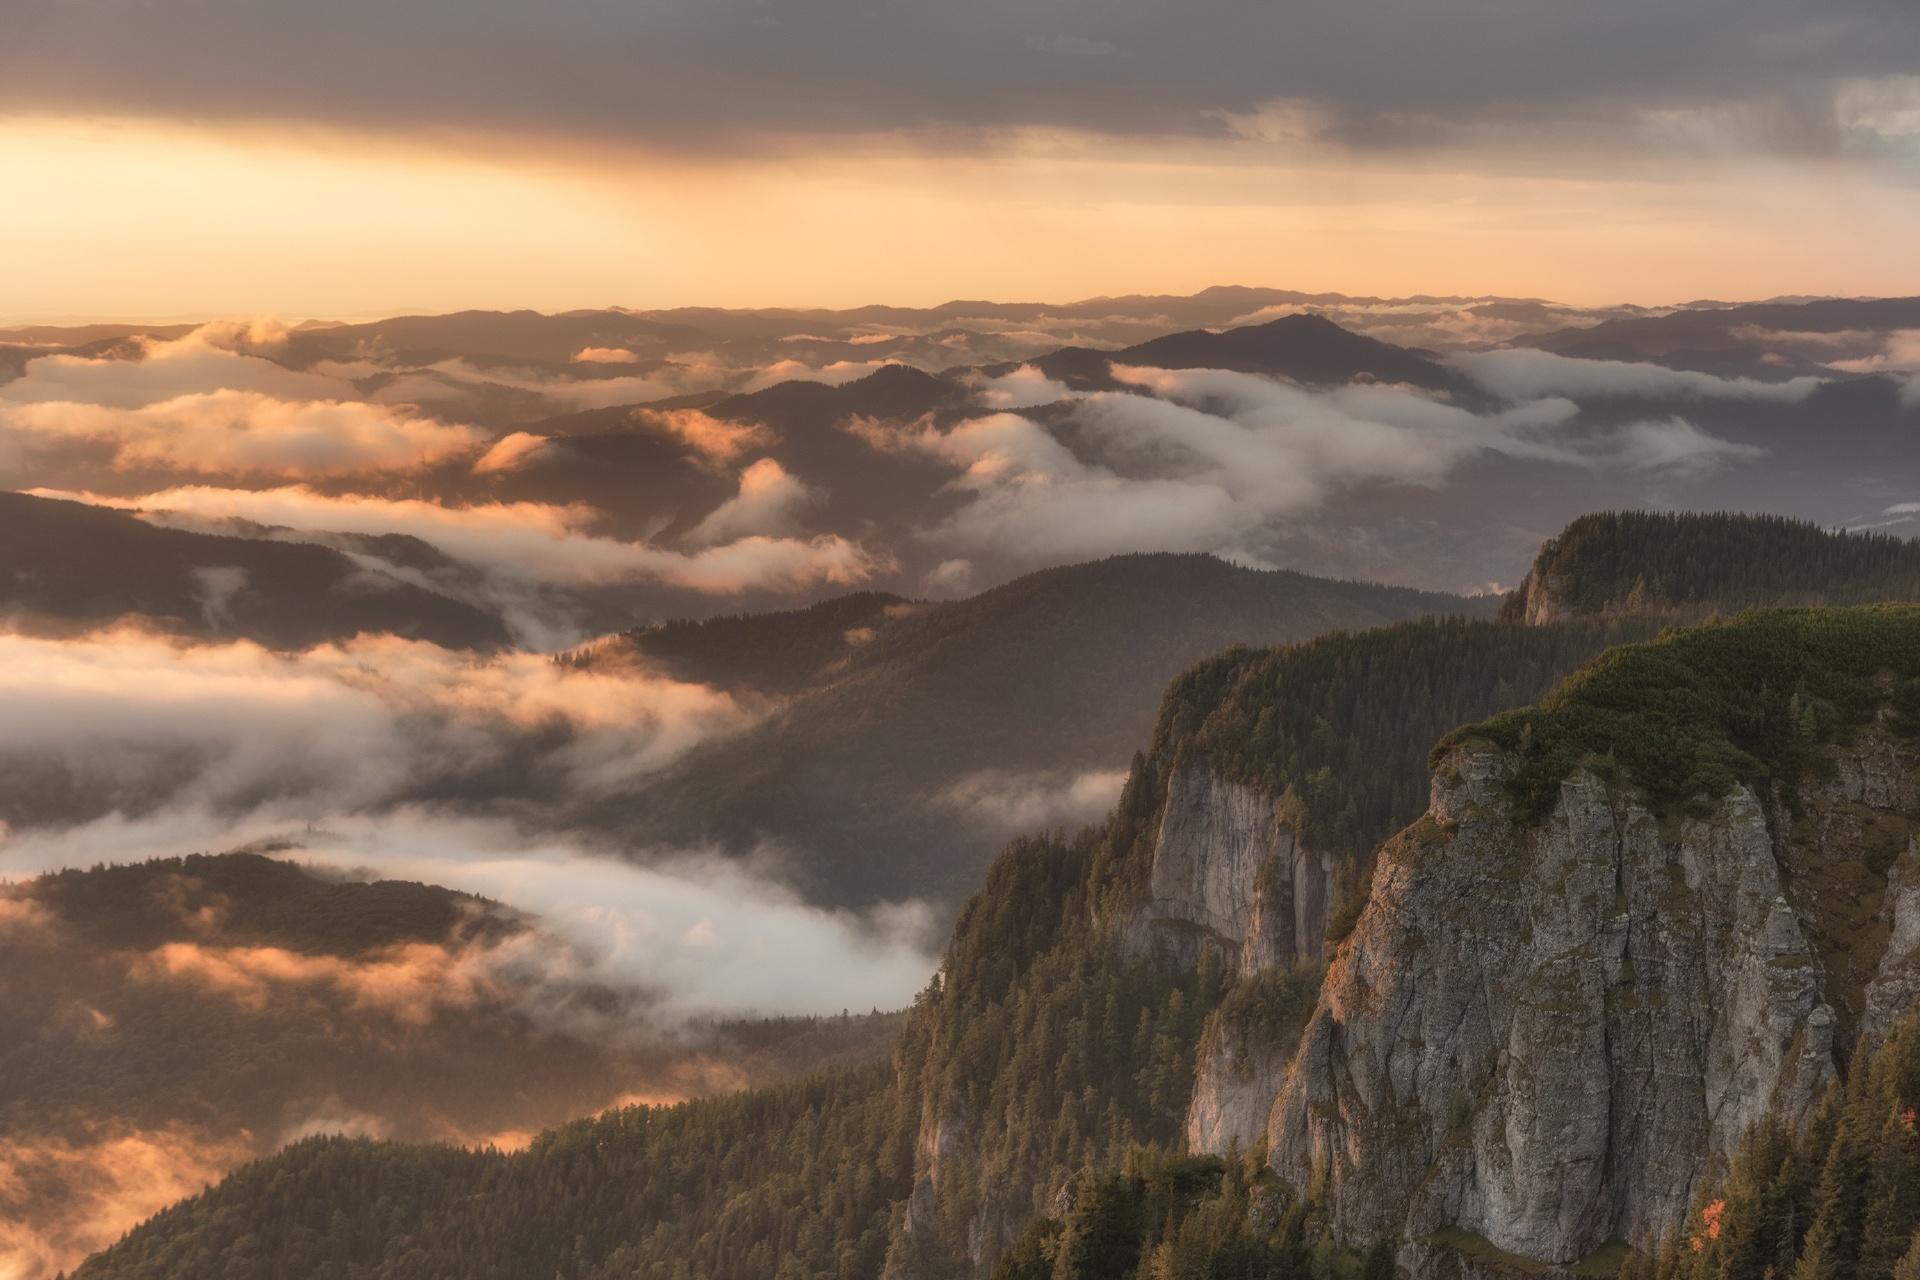 日の出のカルパティア山脈 朝霧のかかる山の風景 ルーマニアの風景